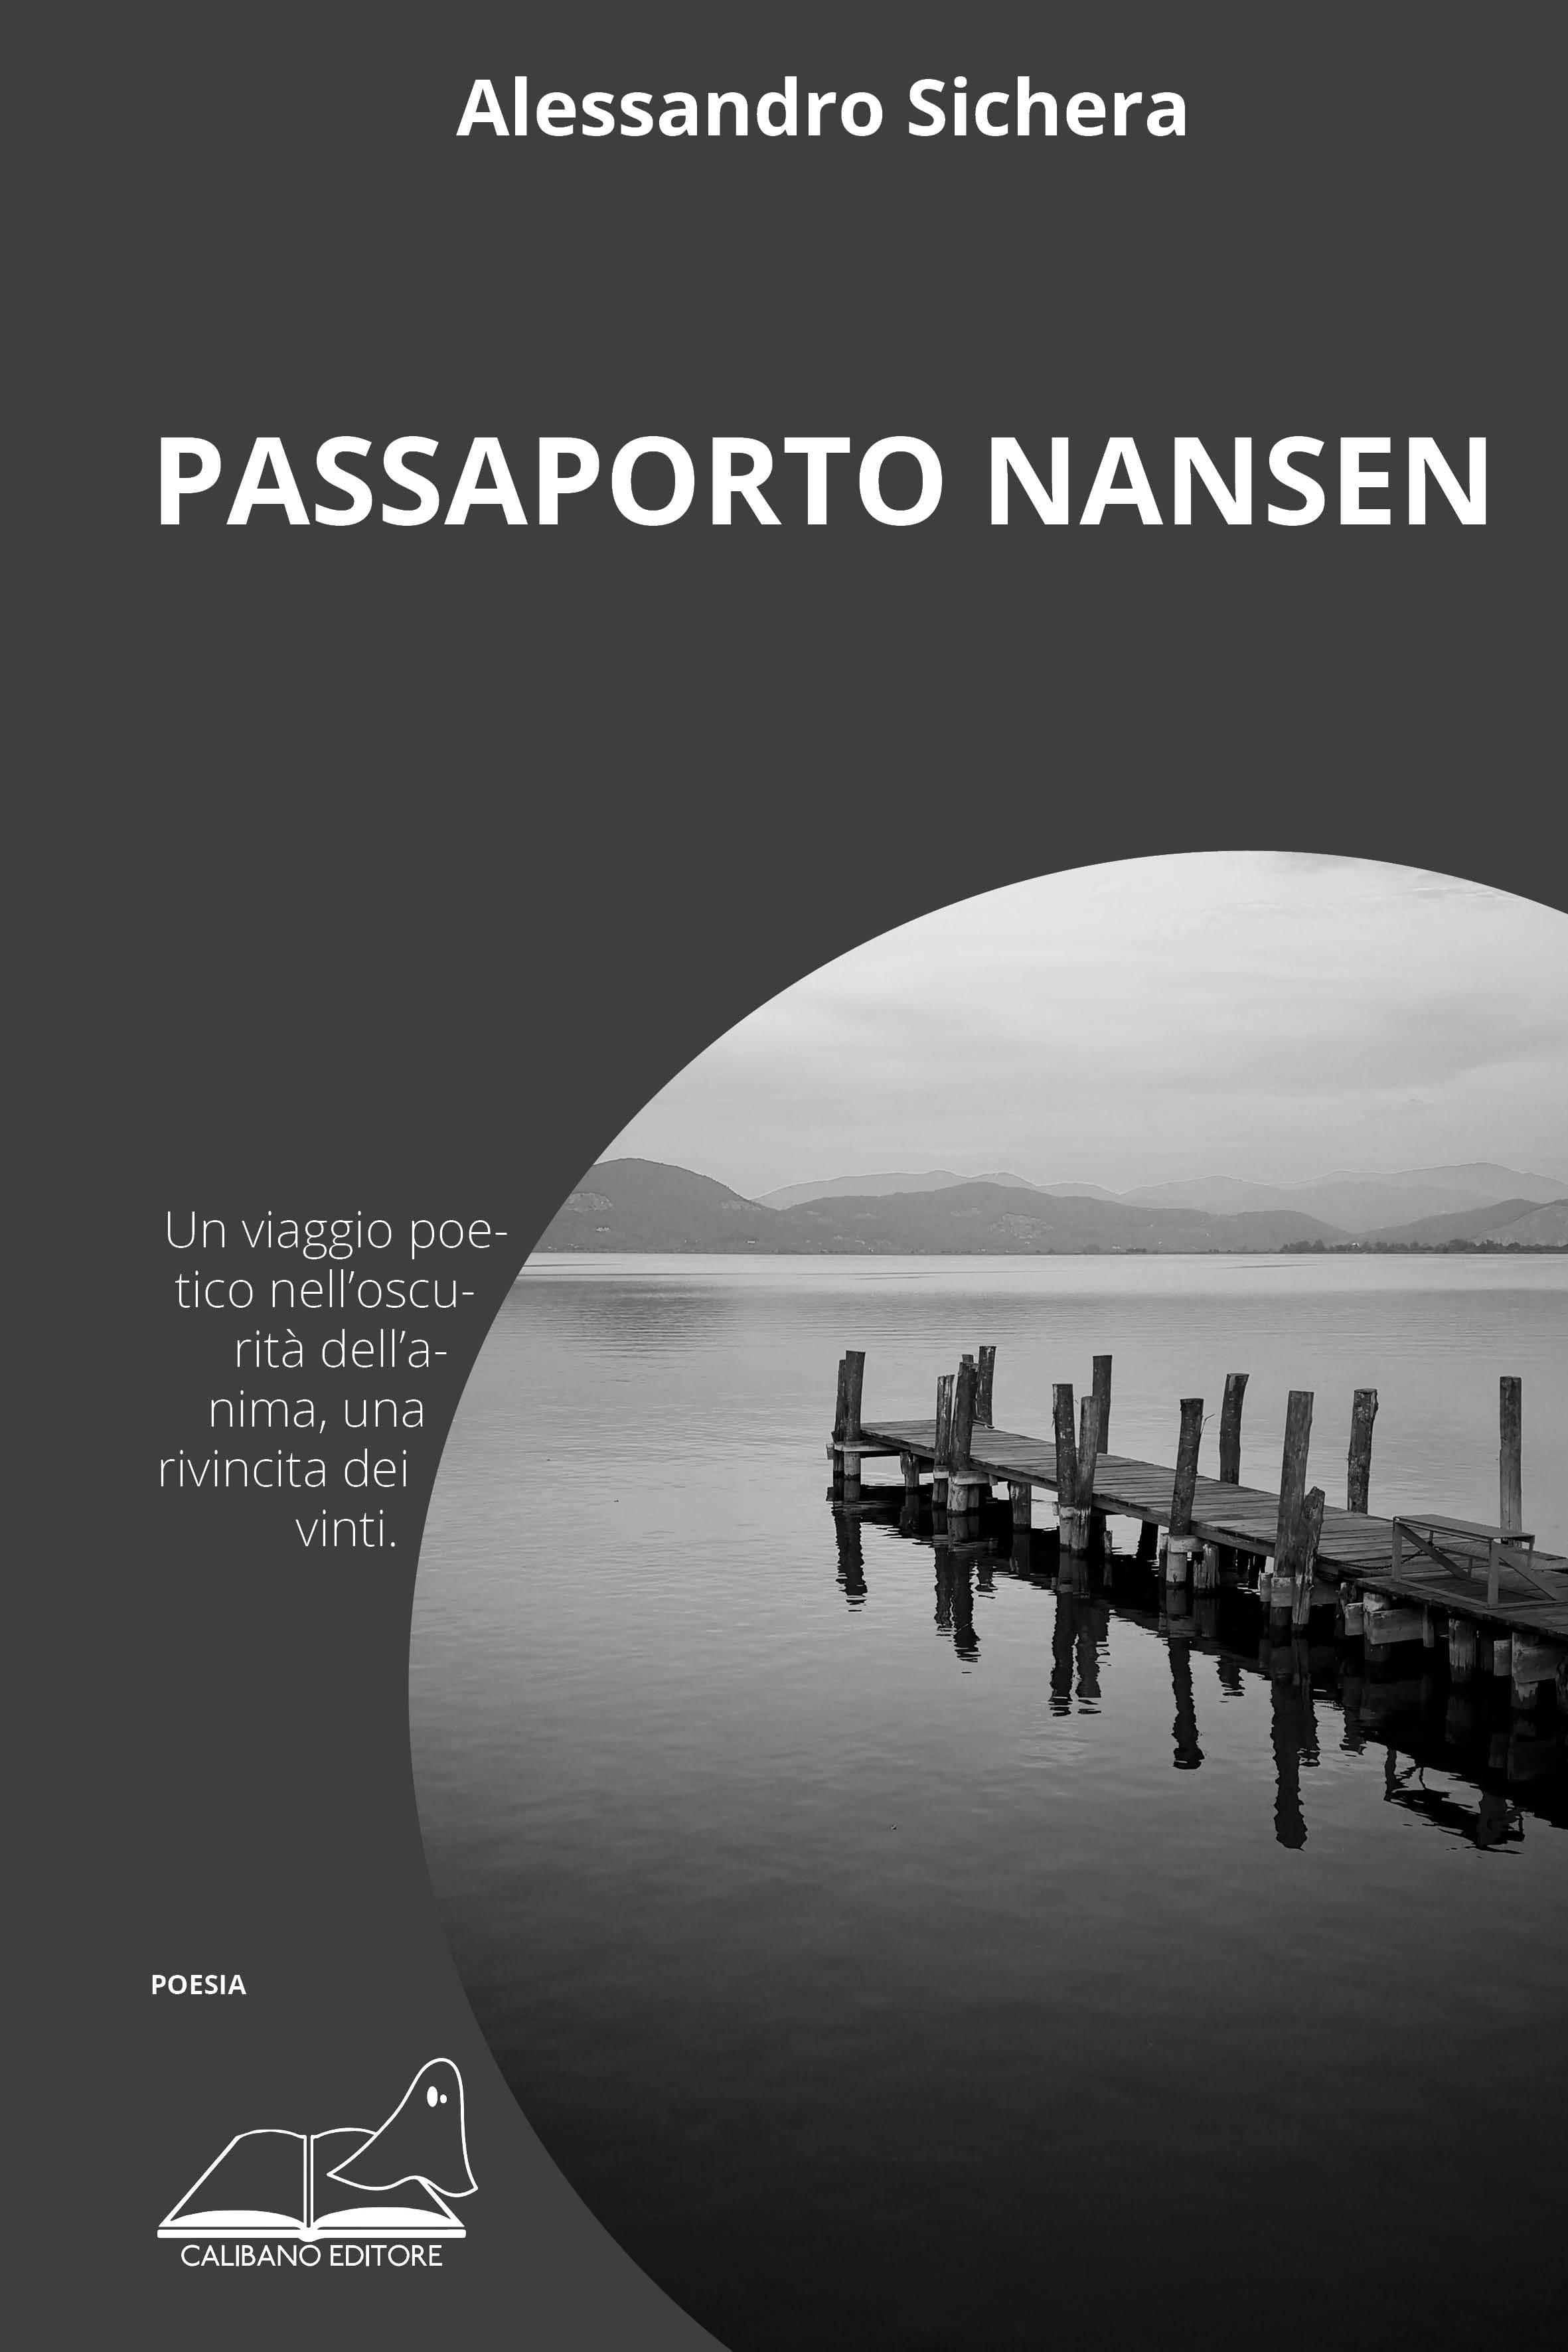 Passaporto Nansen-image-1%>